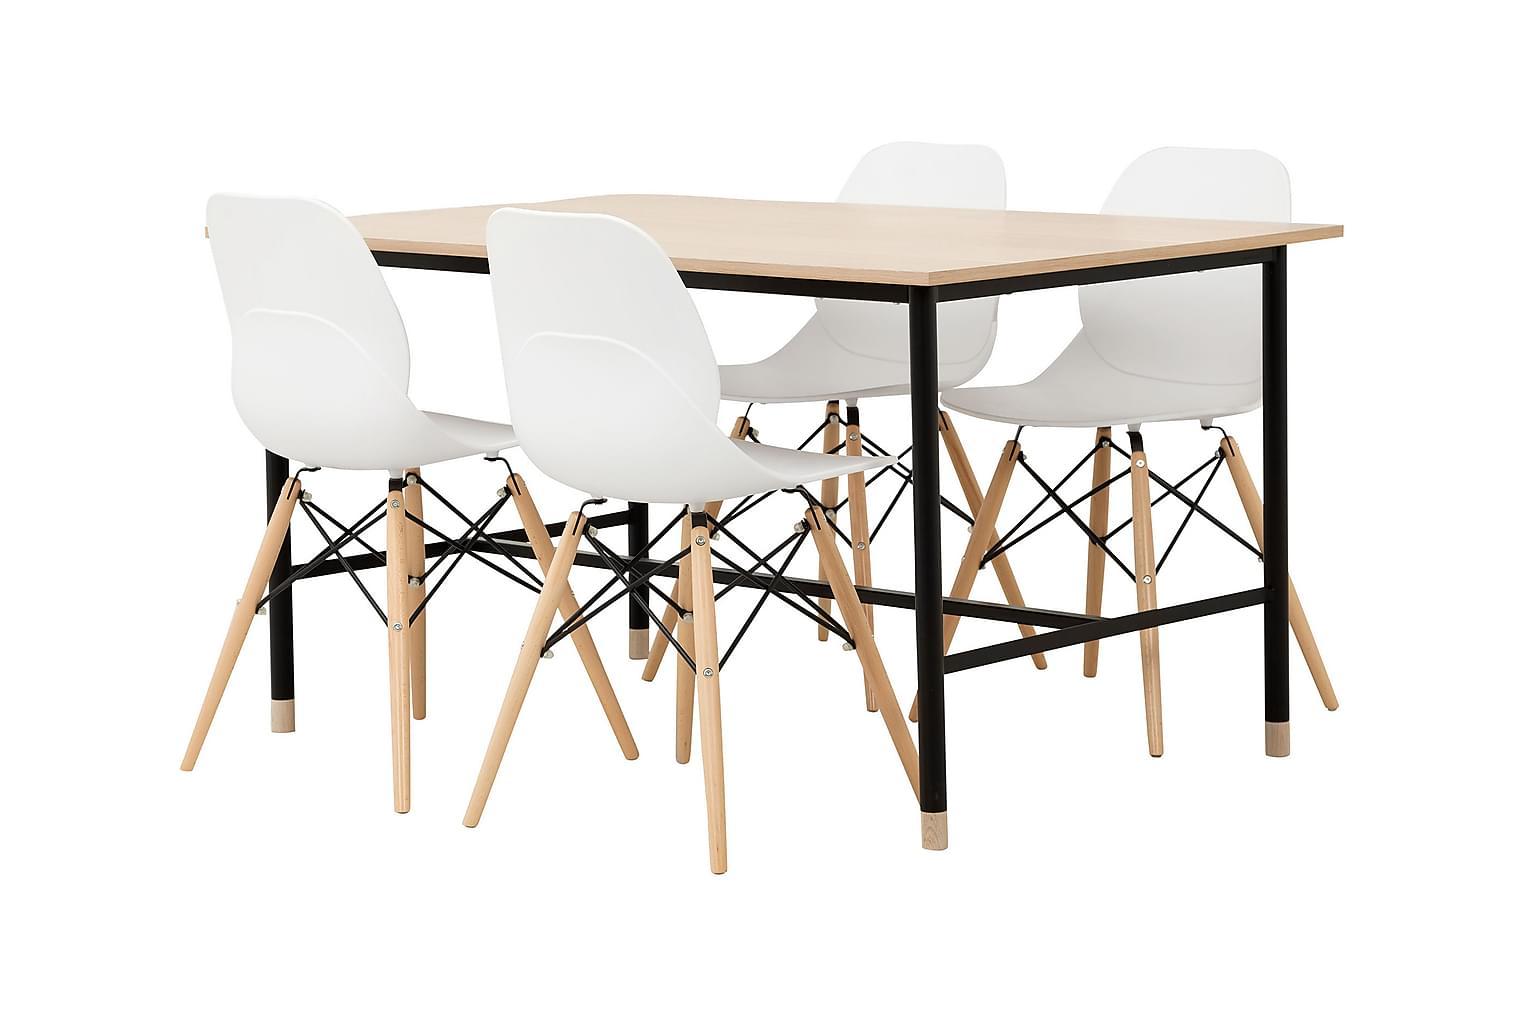 BRANDY Pöytä 138 Tammi/Musta + 4 RANA Tuolia Valkoinen/Puuja